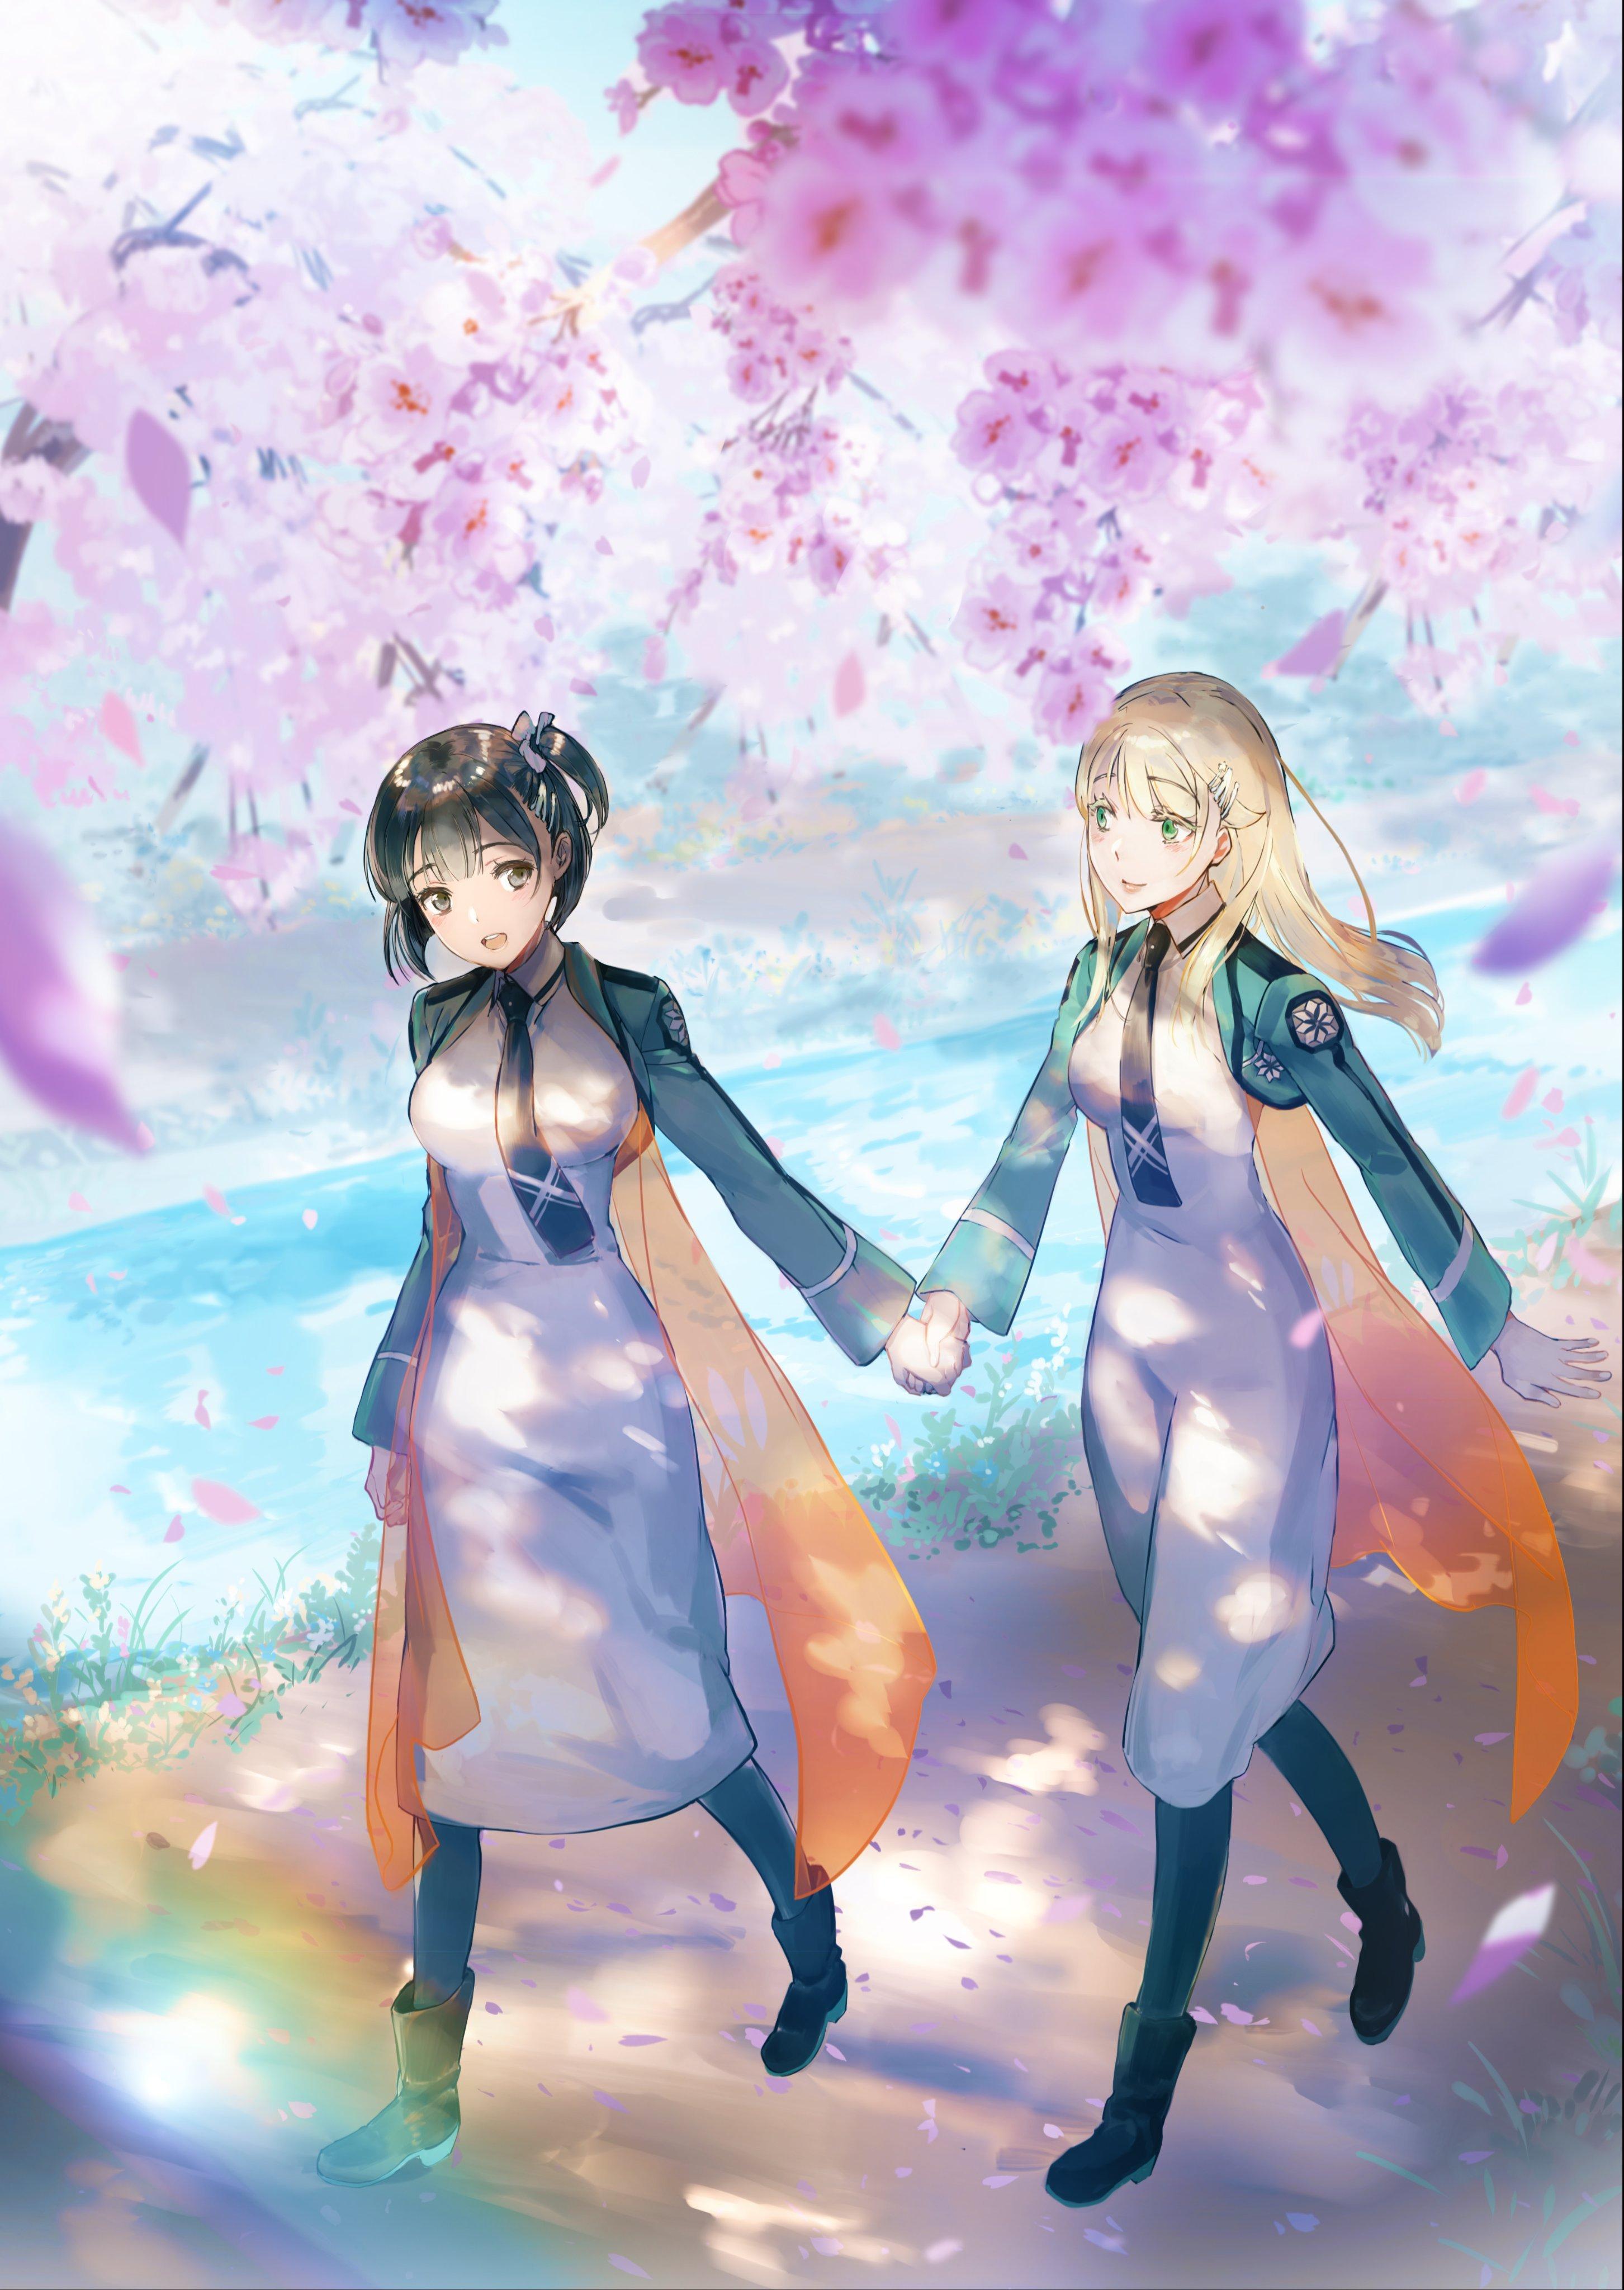 《魔法科高校的劣等生》将连载新系列小说,讲述司波兄妹毕业后魔法科高校 插图2